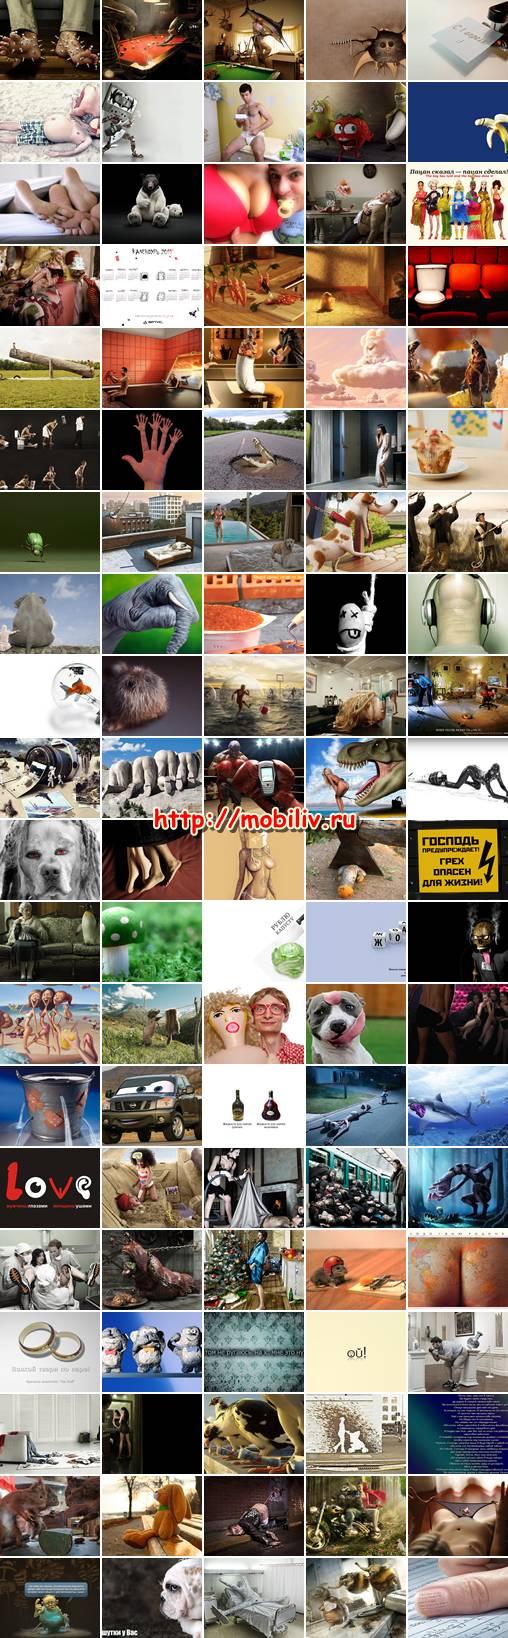 прикольные картинки 1366х768: